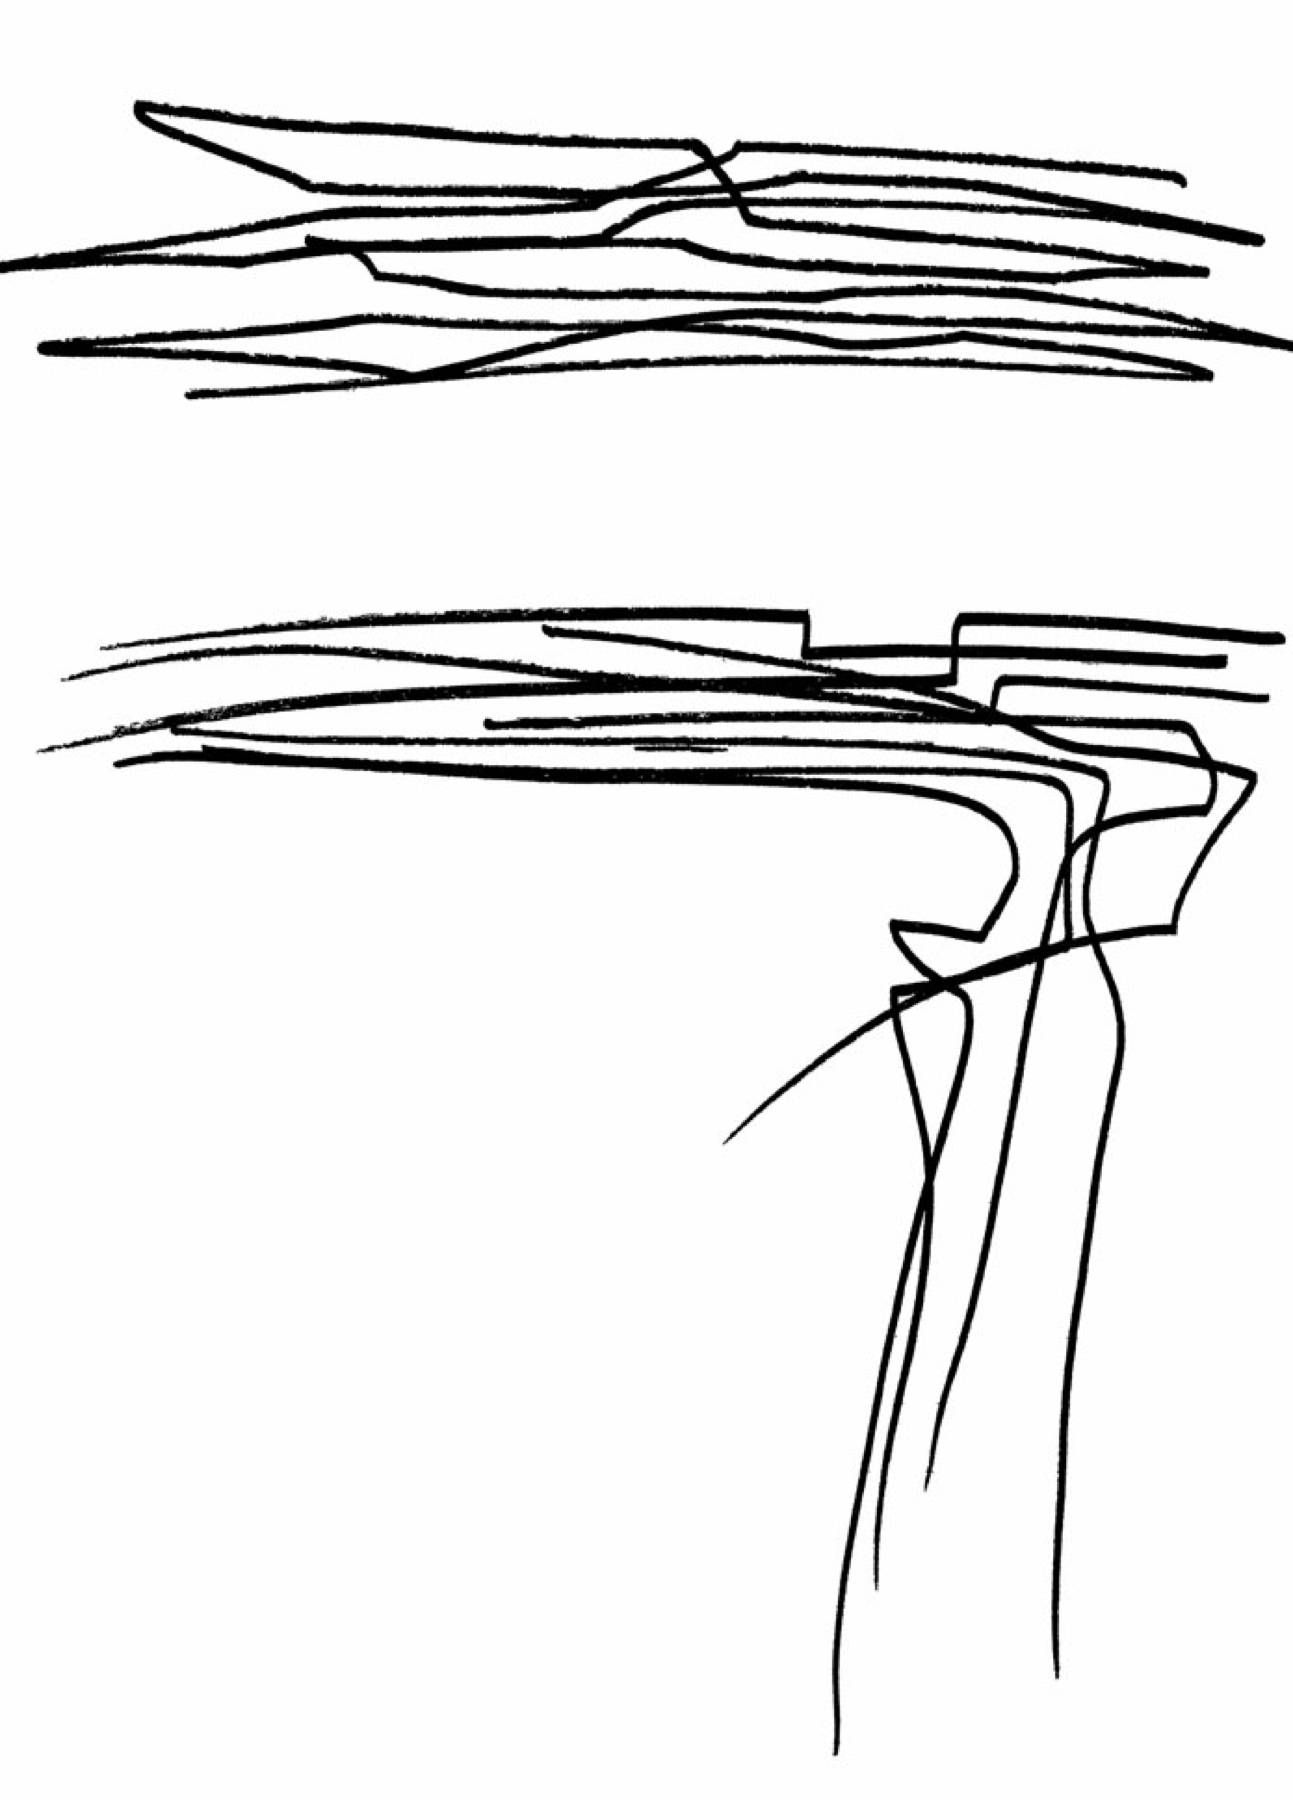 Zaha Hadid Architecture Drawings